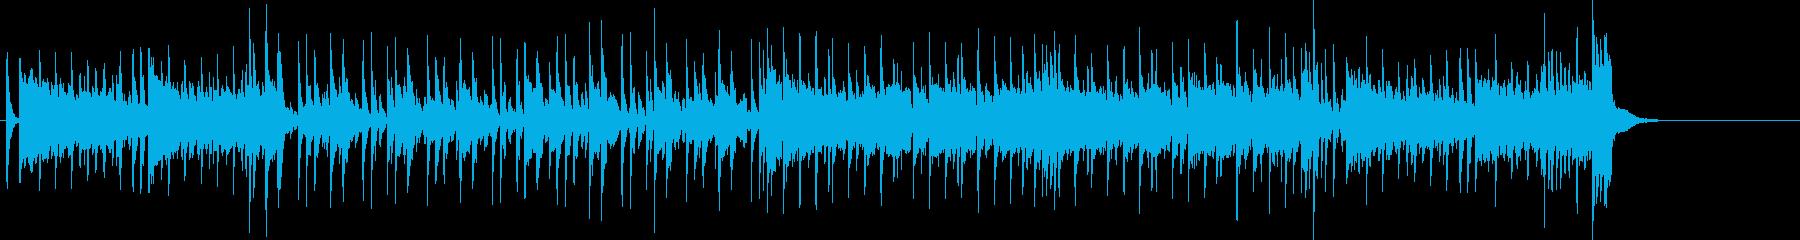 ファンタスティックなフュージョンの再生済みの波形